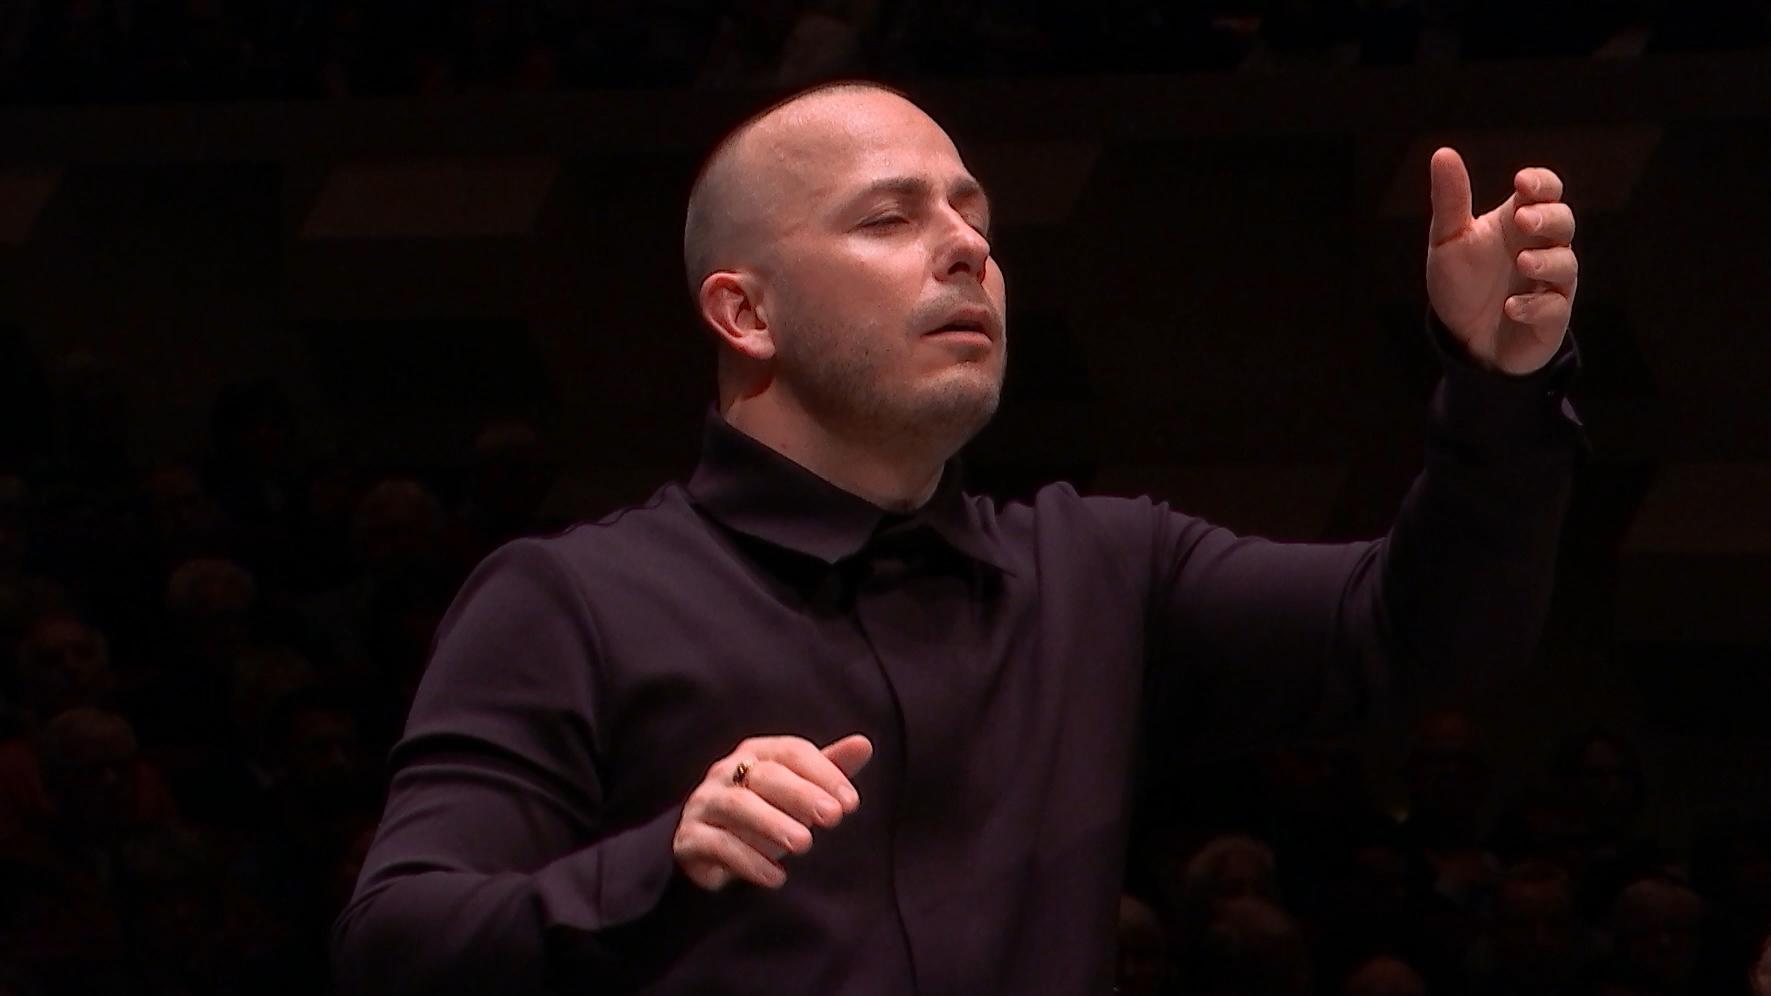 Yannick Nézet-Séguin dirige la Symphonie n°8 de Mahler